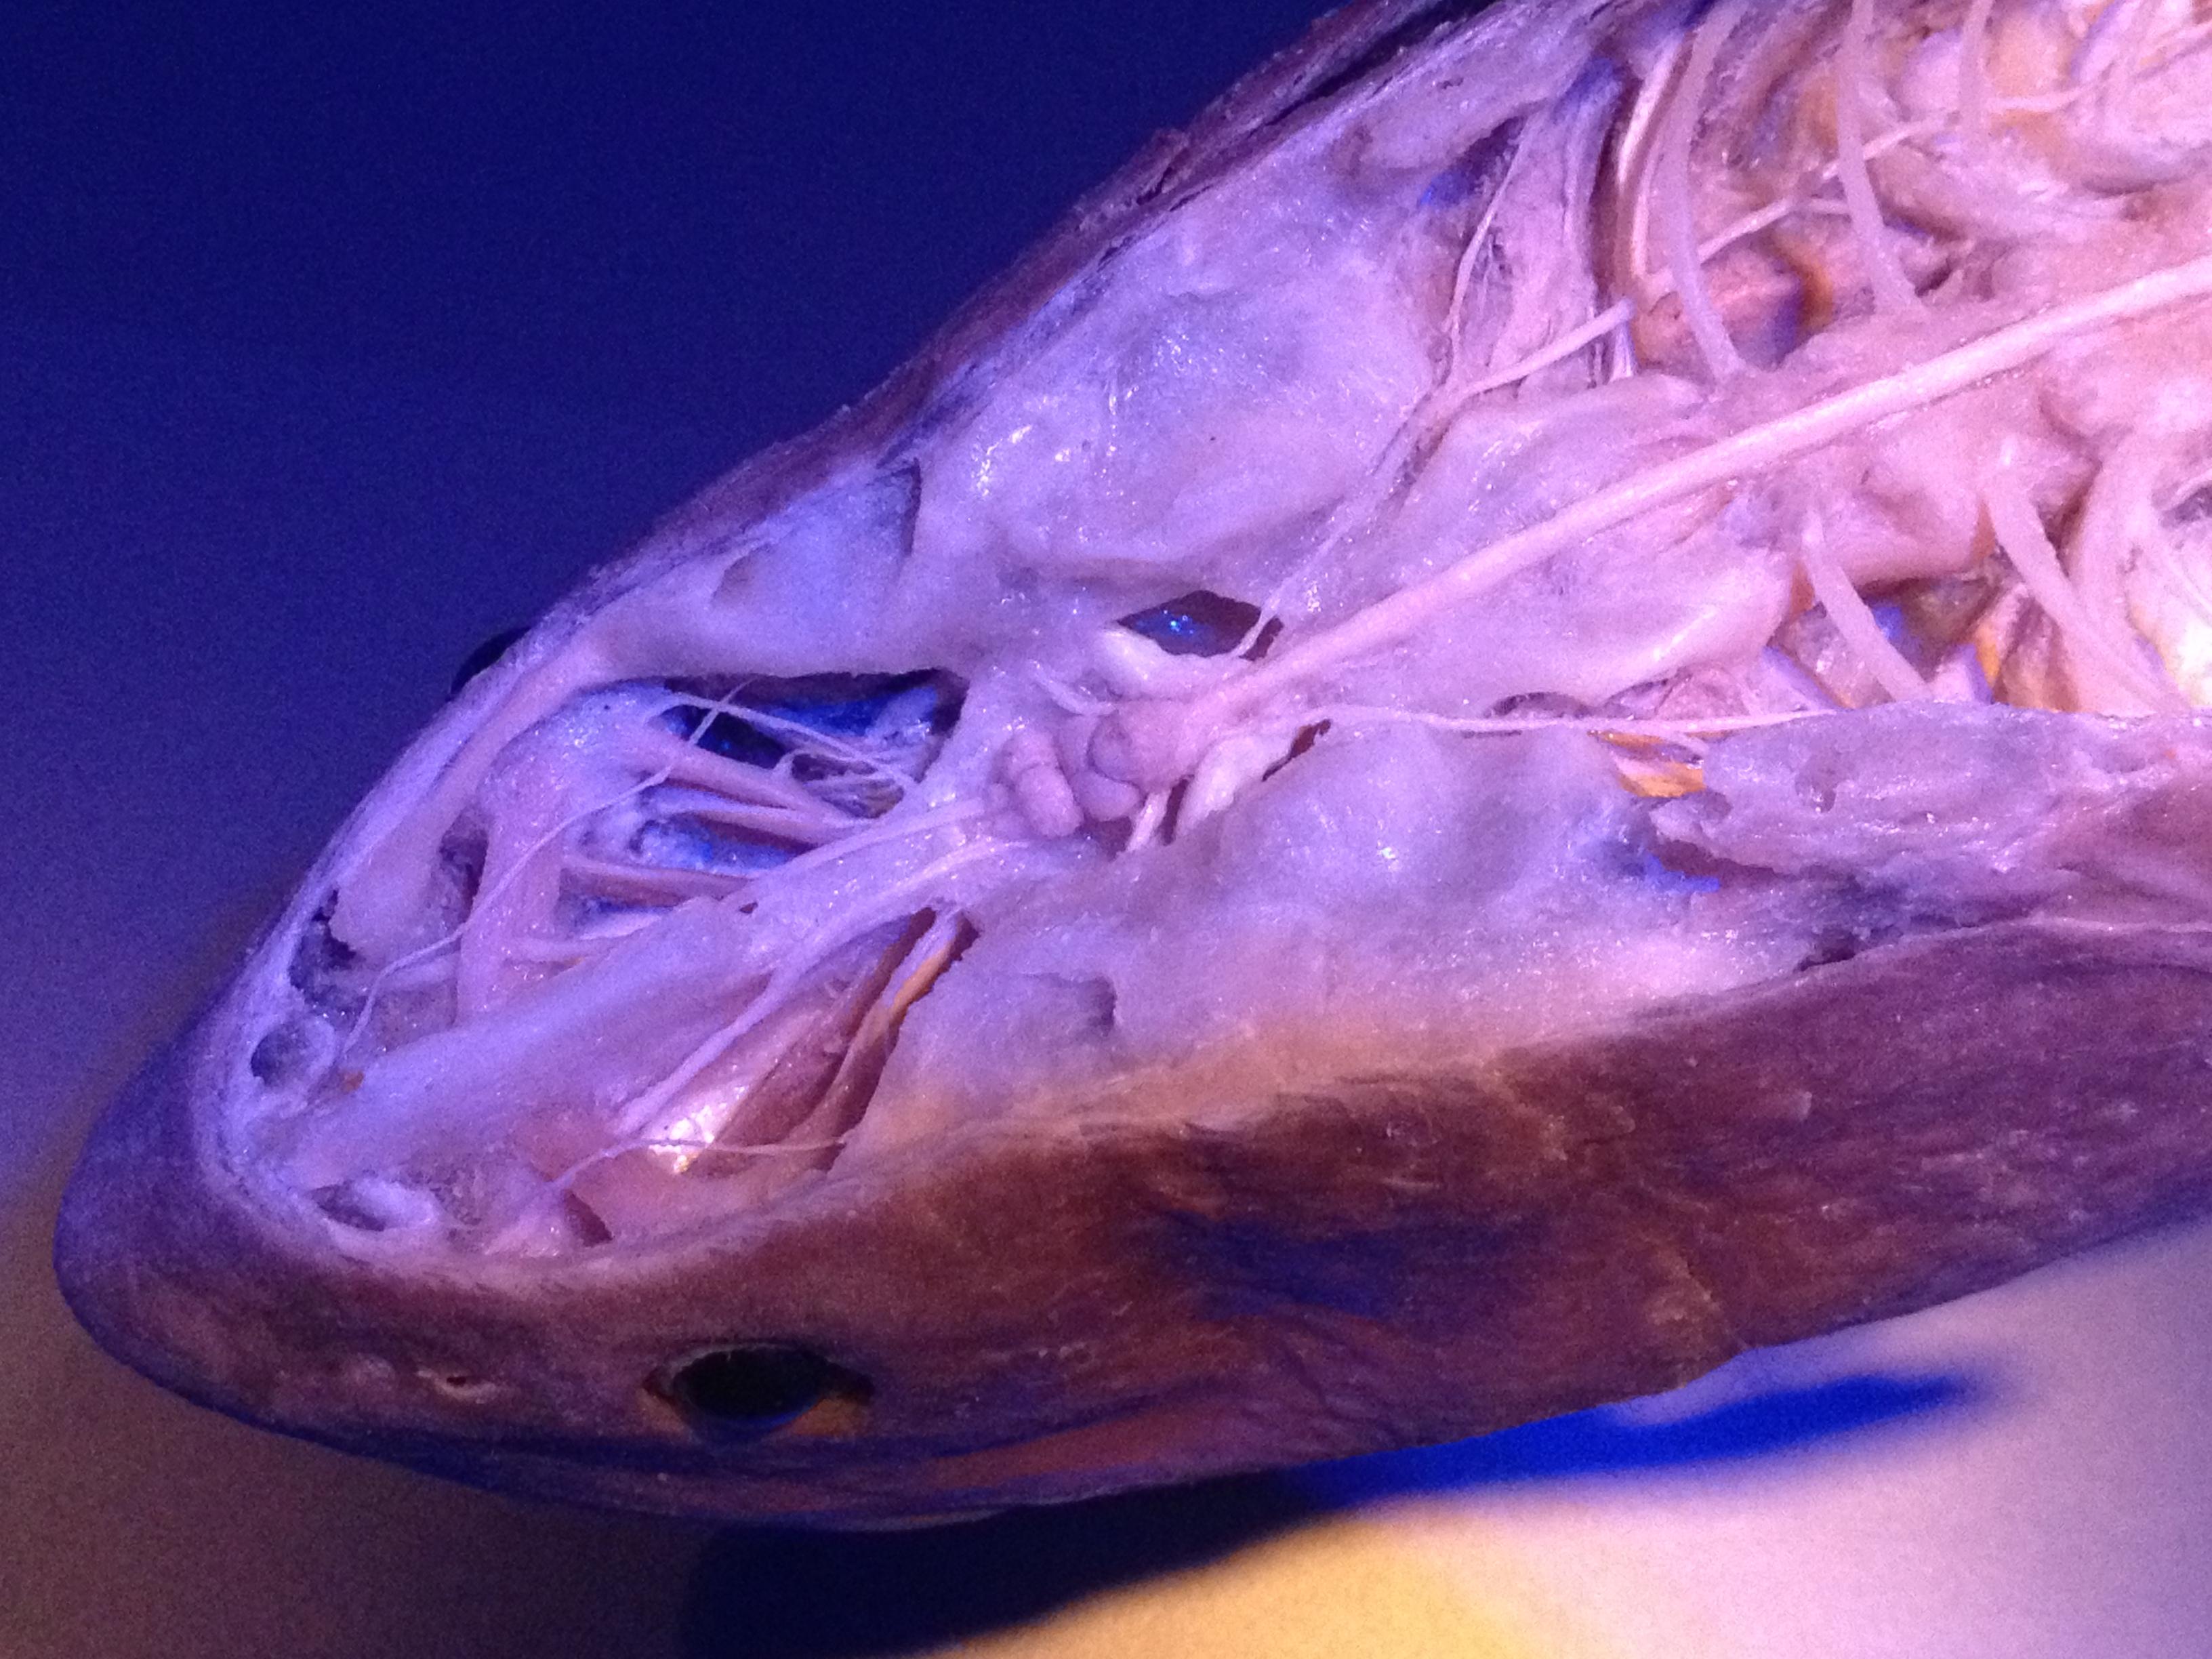 Shark Brain and Nerves